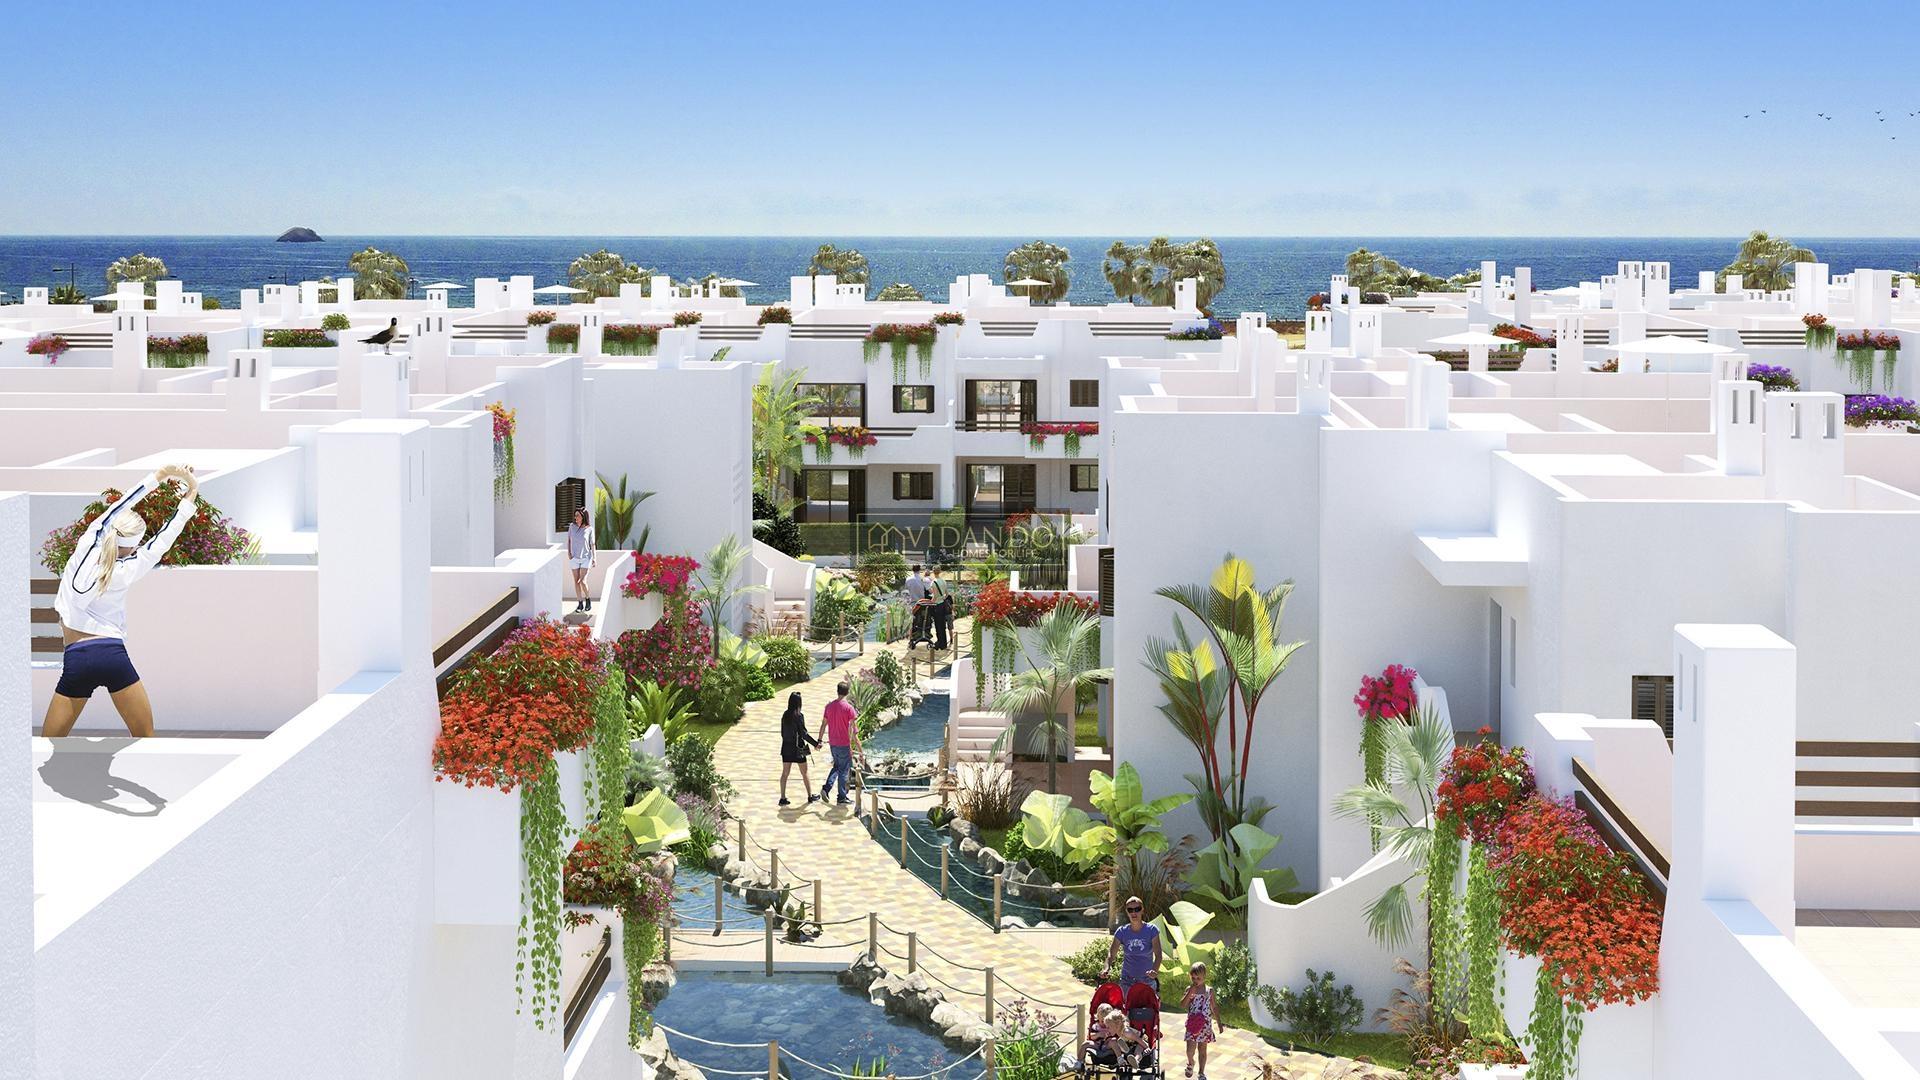 Apartment at the sea Mar de Pulpi - phase 6 in Vidando